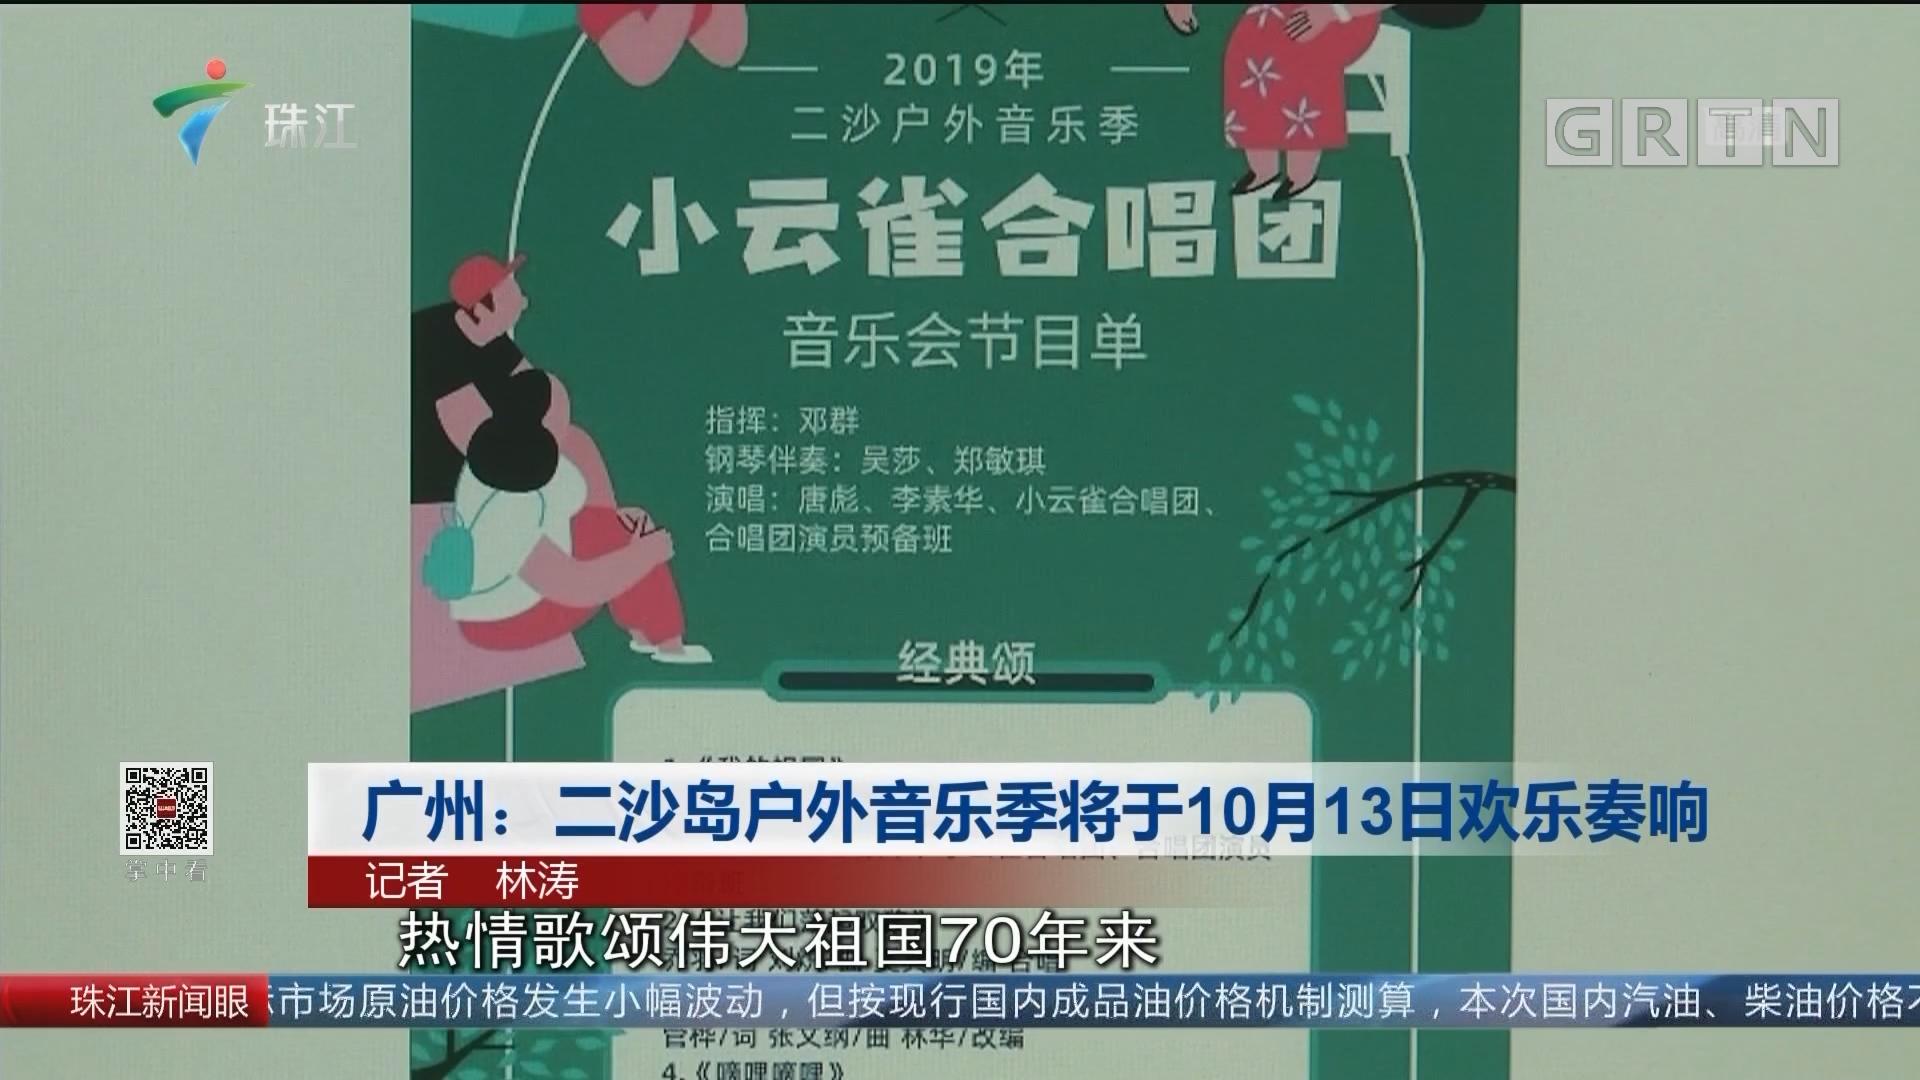 广州:二沙岛户外音乐季将于10月13日欢乐奏响